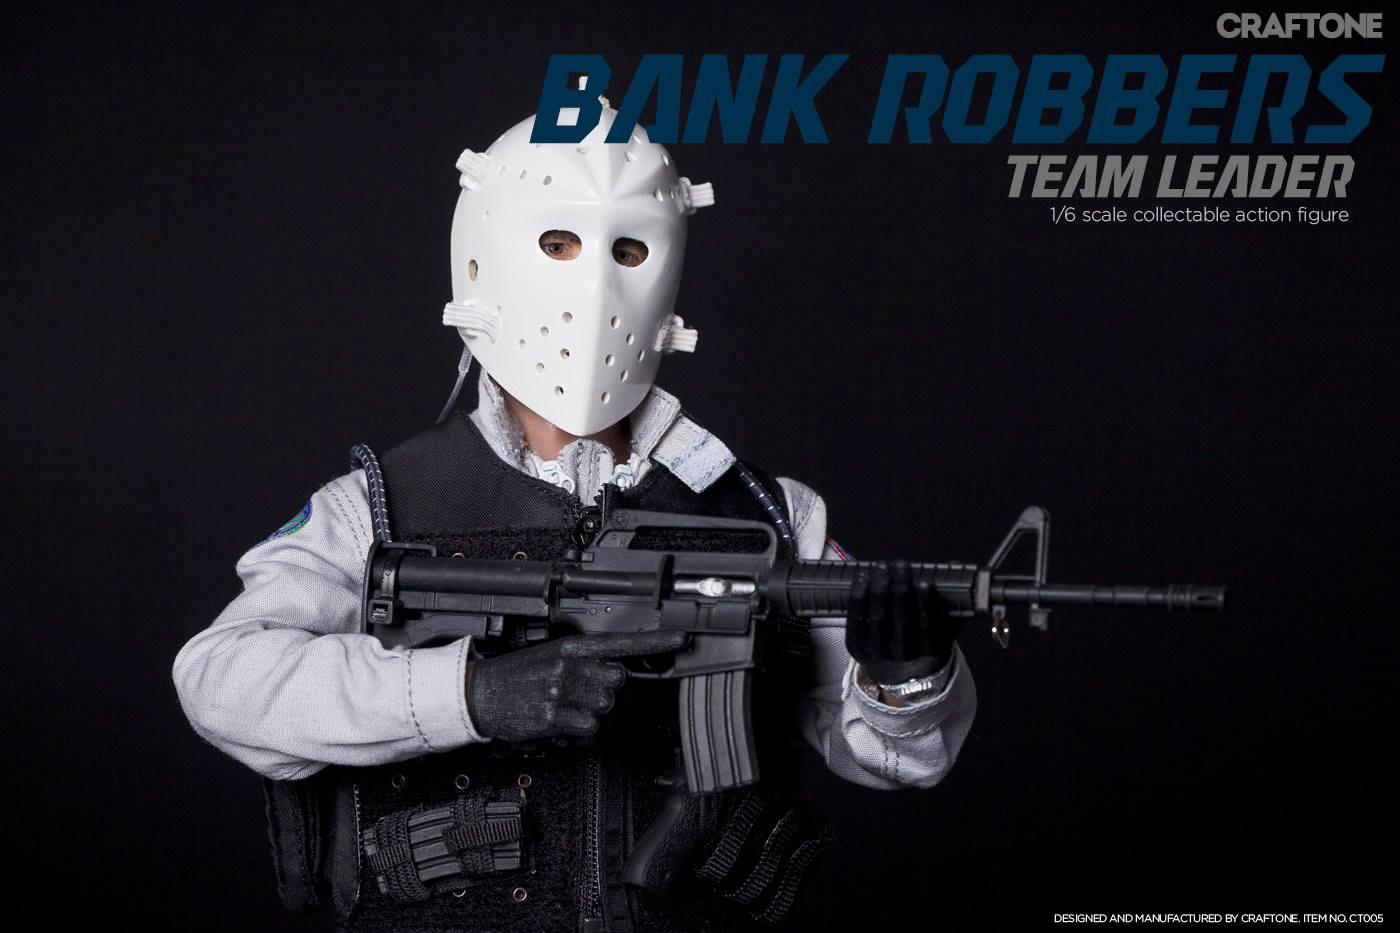 cra-bankrobbers-09